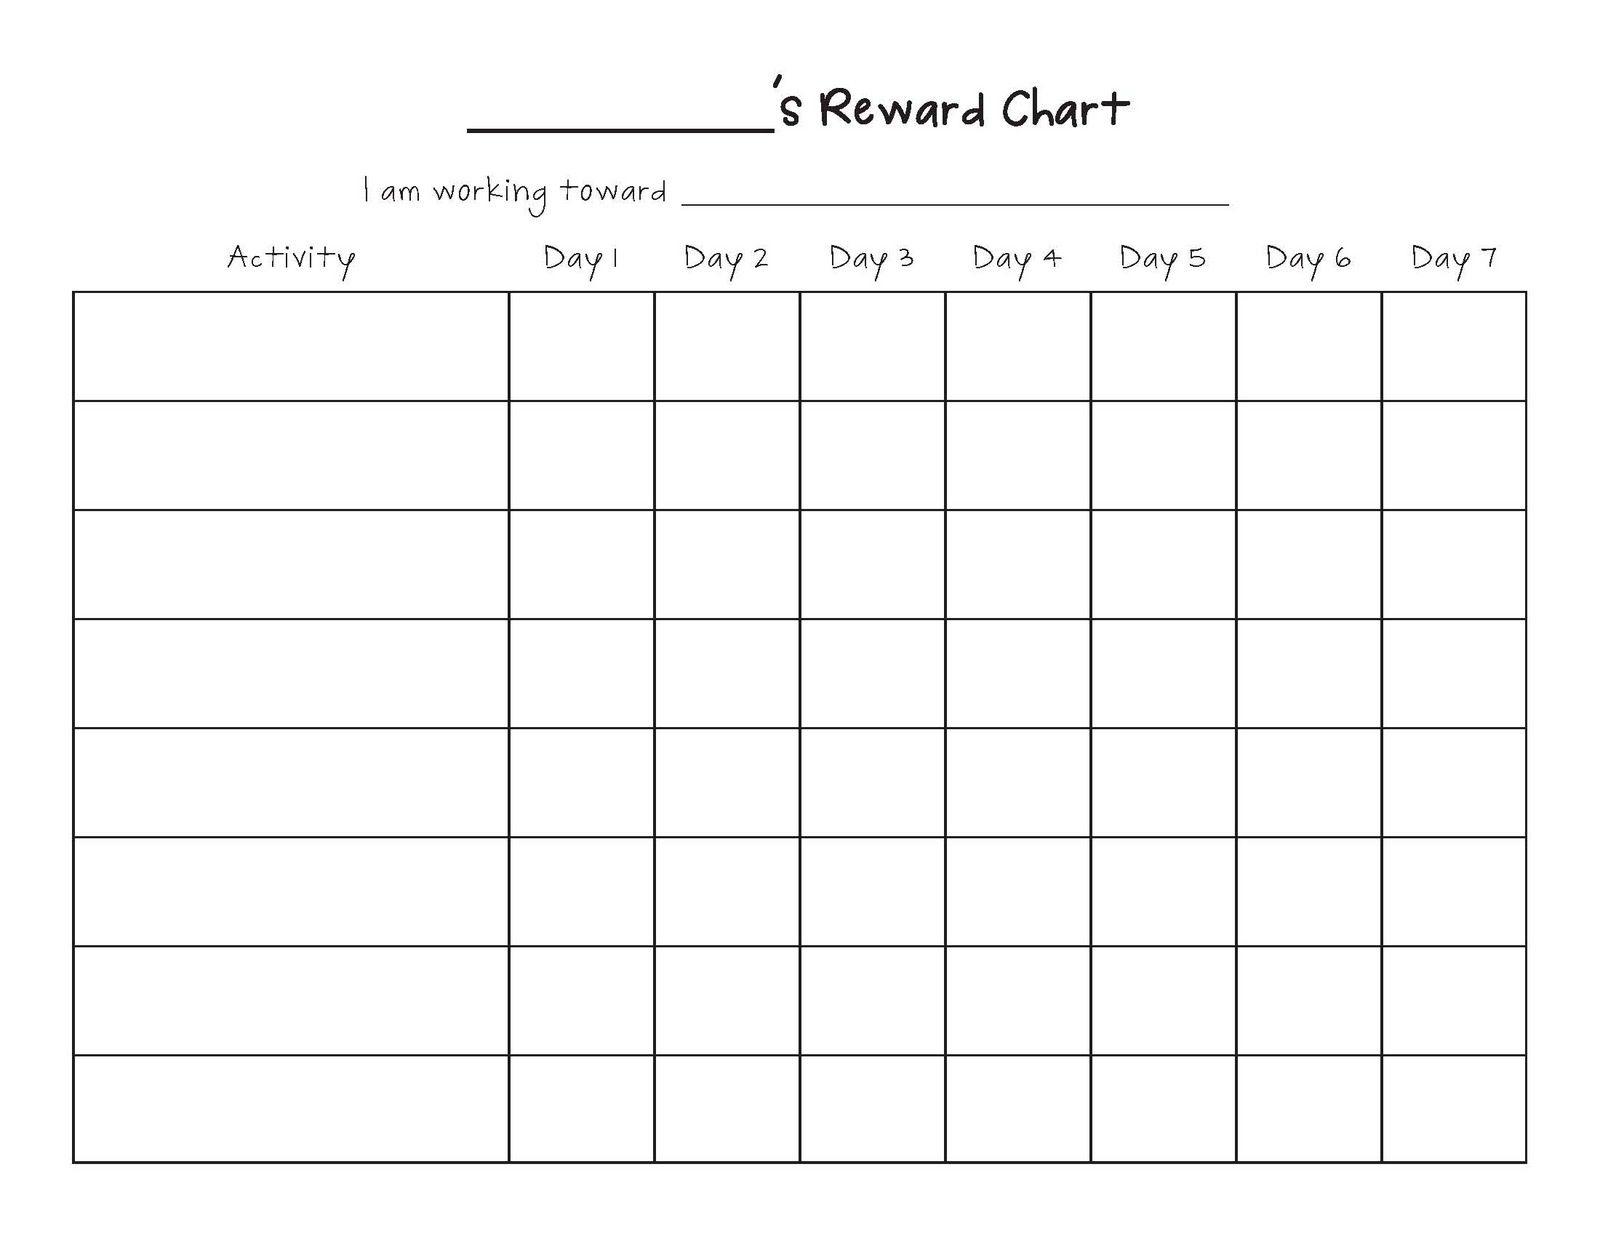 Free Printable Blank Charts   Printable Blank Charts Image Search - Charts Free Printable